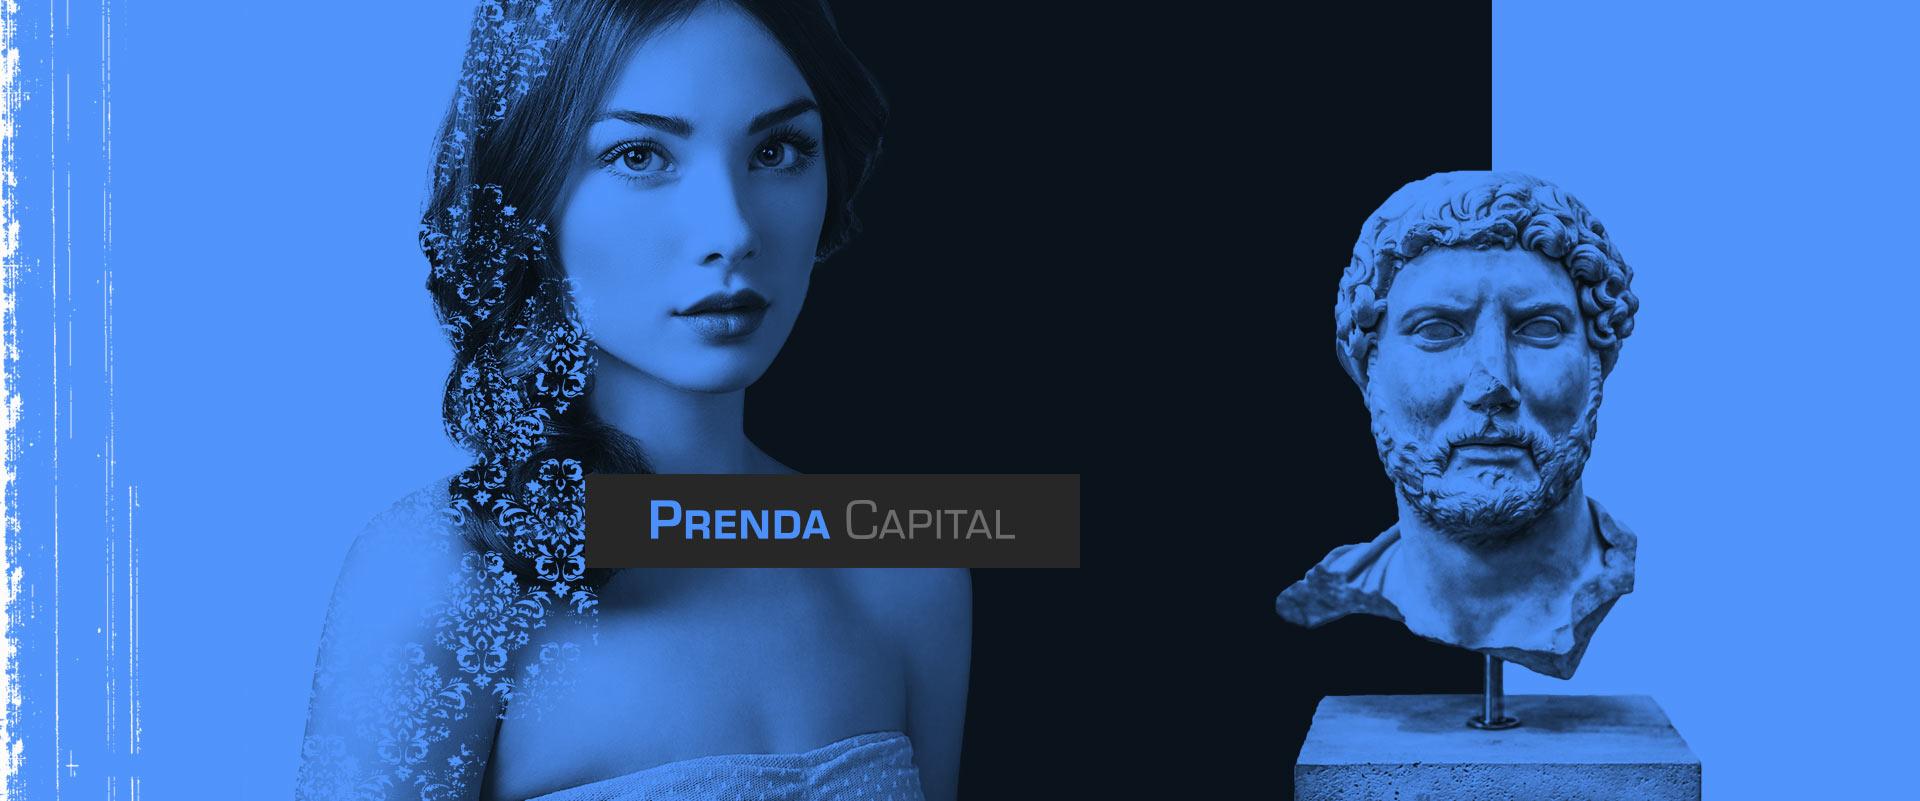 Prenda Capital Headbild